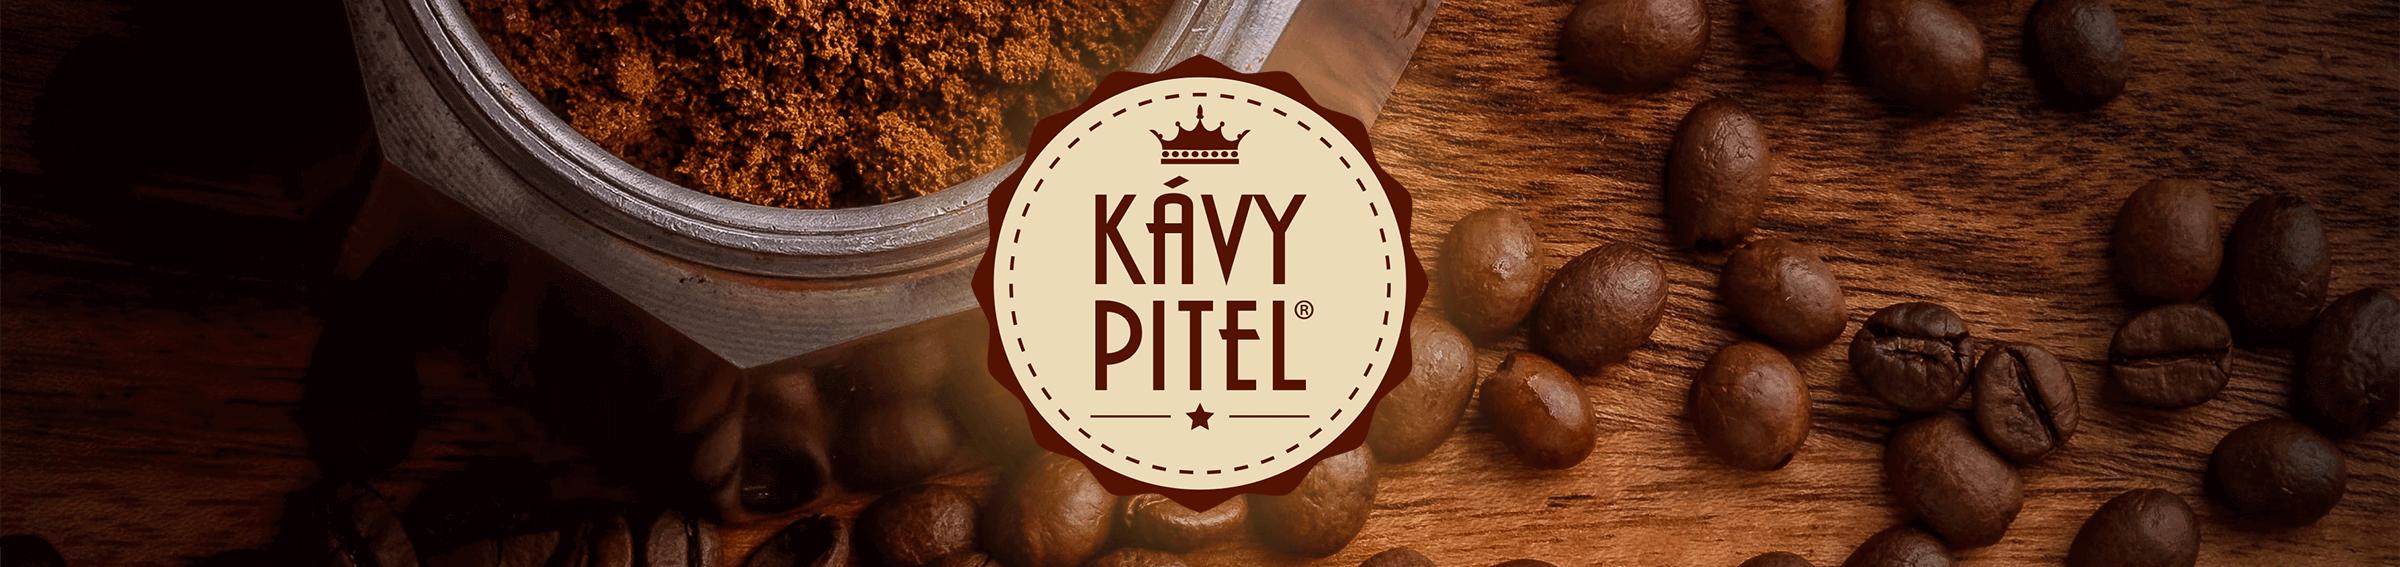 Kavy-pitel-design-2020-shoptet-2-prazeni-kavy-banner